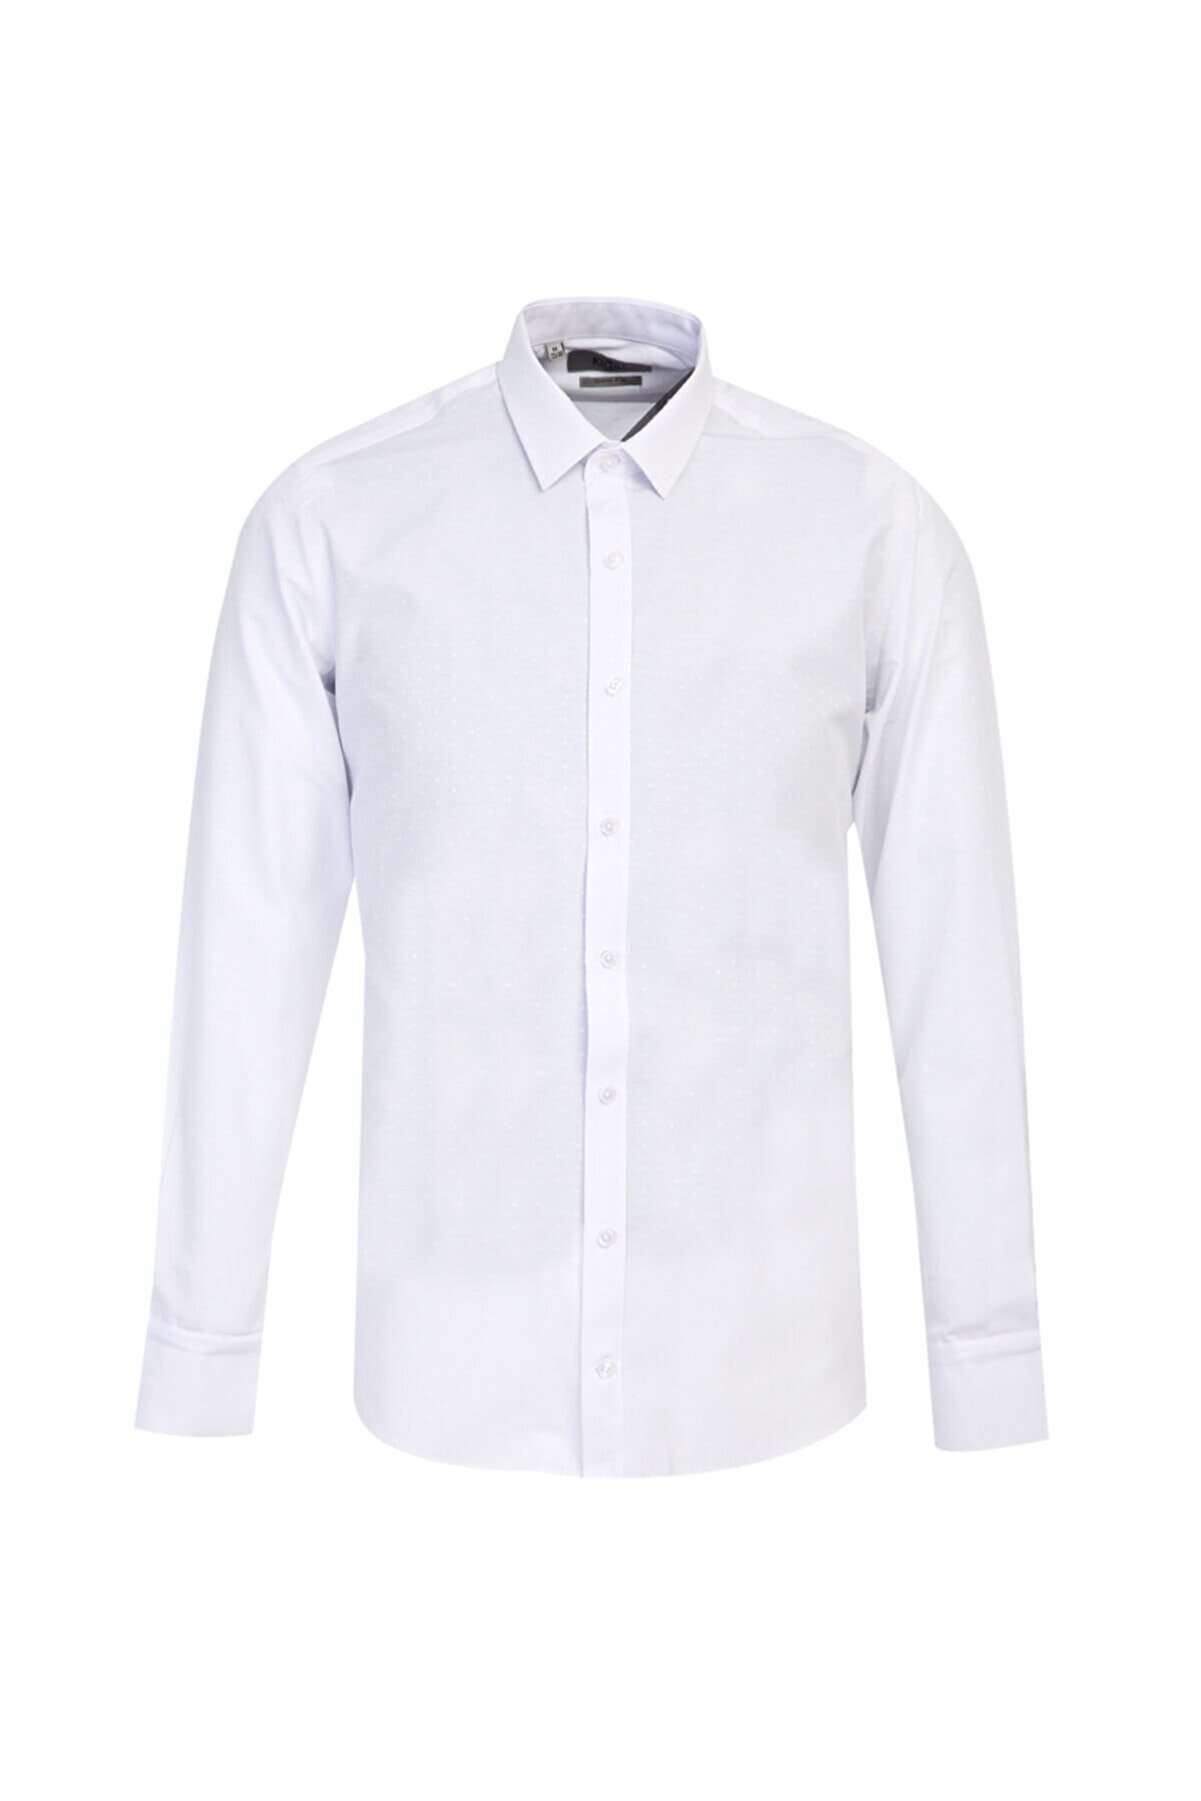 Kiğılı Uzun Kol Slim Fit Desenli Gömlek